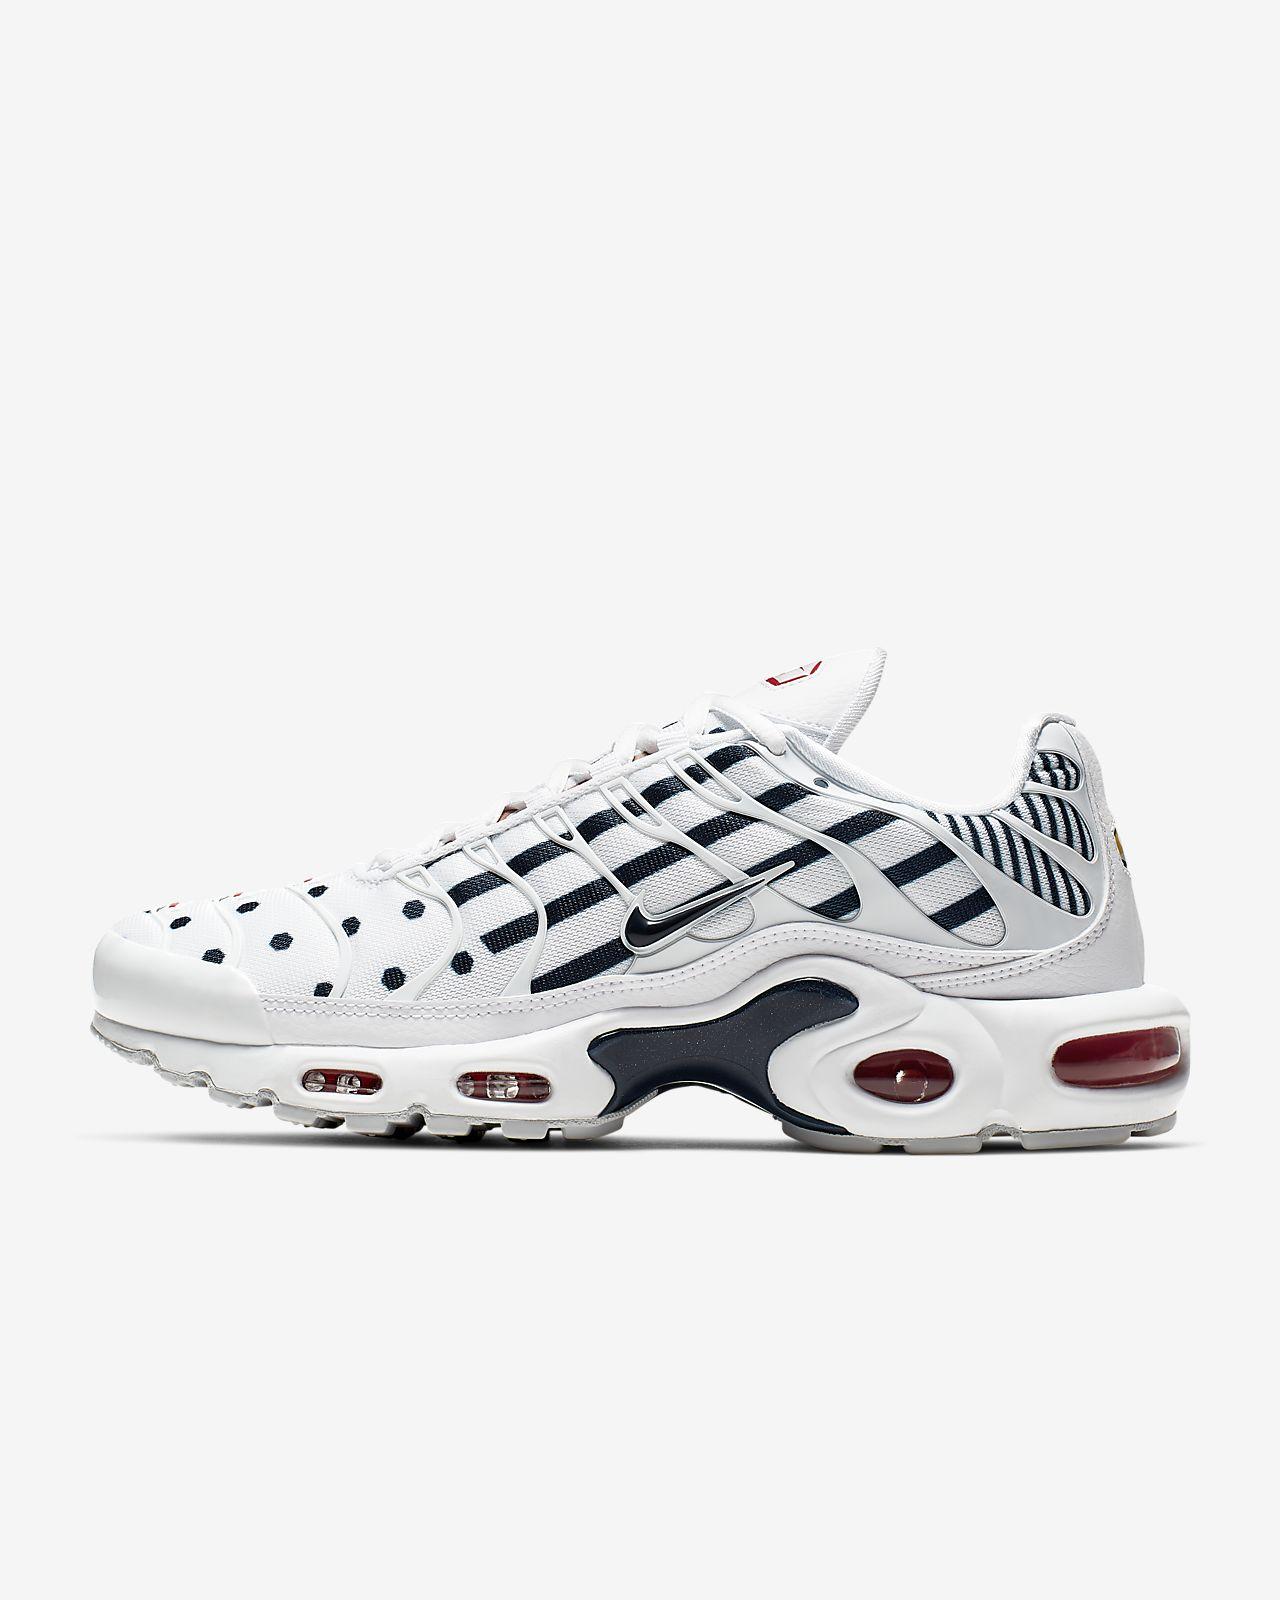 Nike Air Max Plus TN Unité Totale női cipő